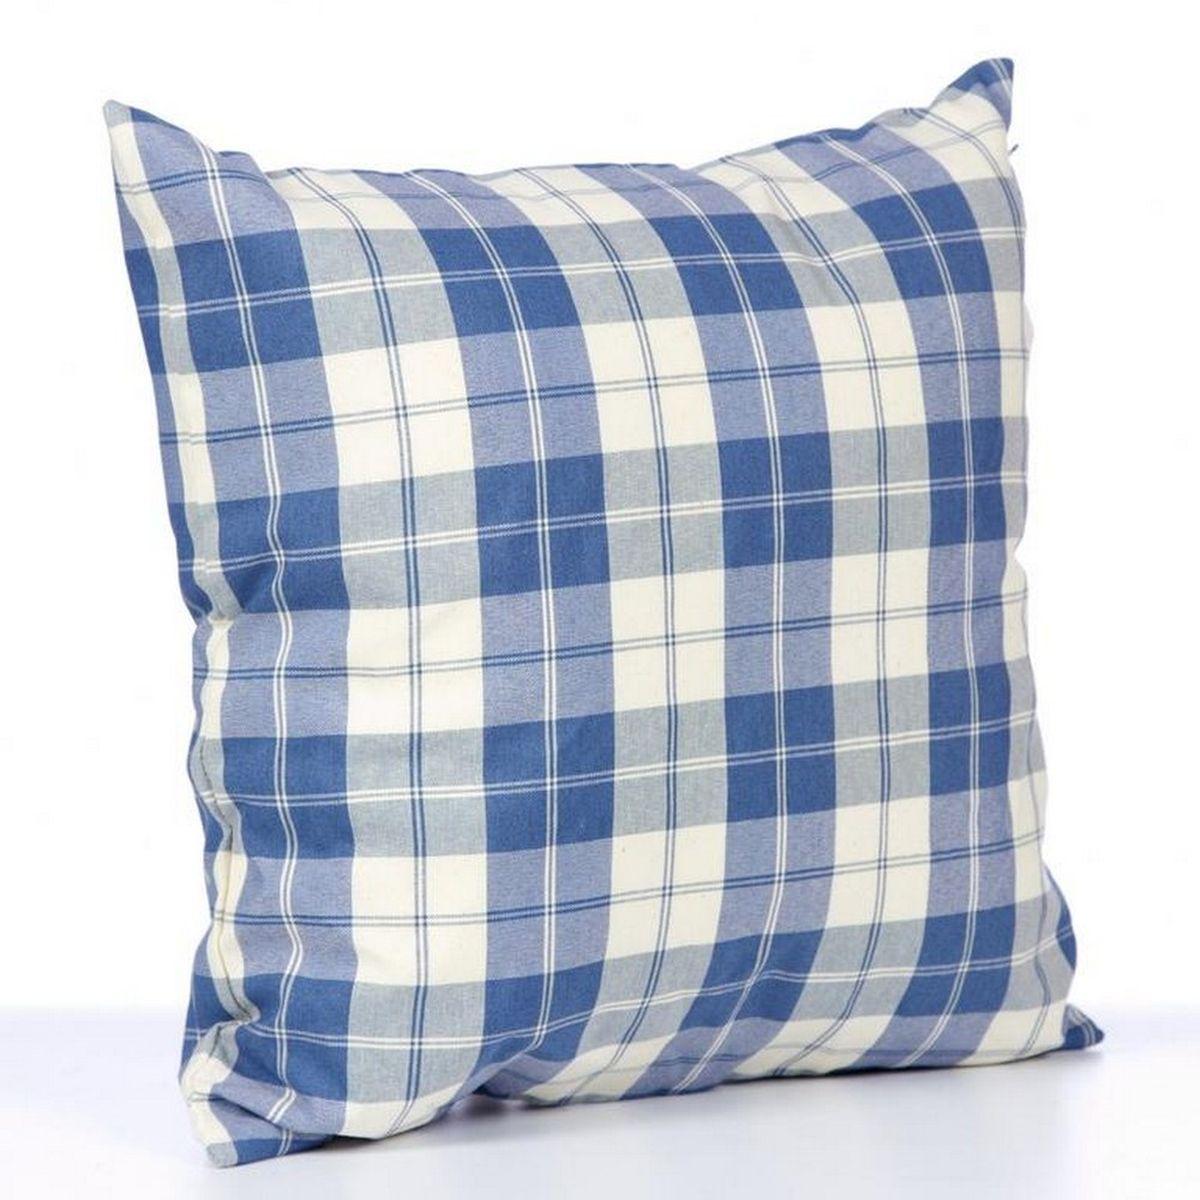 Подушка декоративная KauffOrt Коттедж, цвет: синий, 39 x 39 см3122113640Декоративная подушка Коттедж прекрасно дополнит интерьер спальни или гостиной. Чехол подушки выполнен из 55% хлопка, 30% полиэстера, 15% акрила. Внутри находится мягкий наполнитель. Чехол легко снимается благодаря потайной молнии.